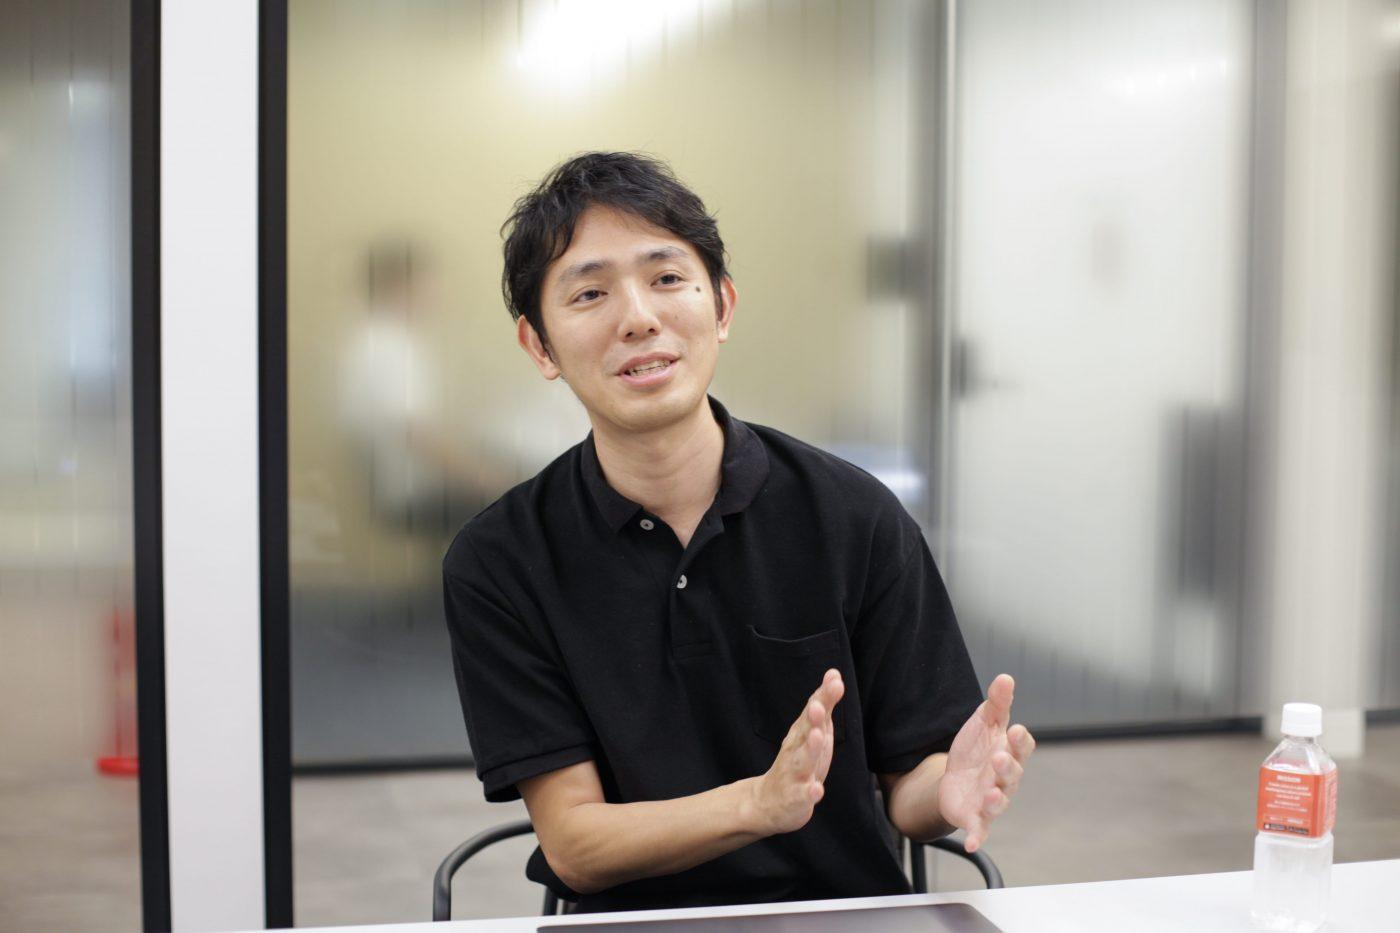 そんなタイミングで青柳氏に声をかけたのが、山田進太郎氏だ。メルカリやメルペイの構想を聞いたうえで、世界一Fintechが加速している国・中国を訪れて見た現状は、想像をはるかに上回るものだった。